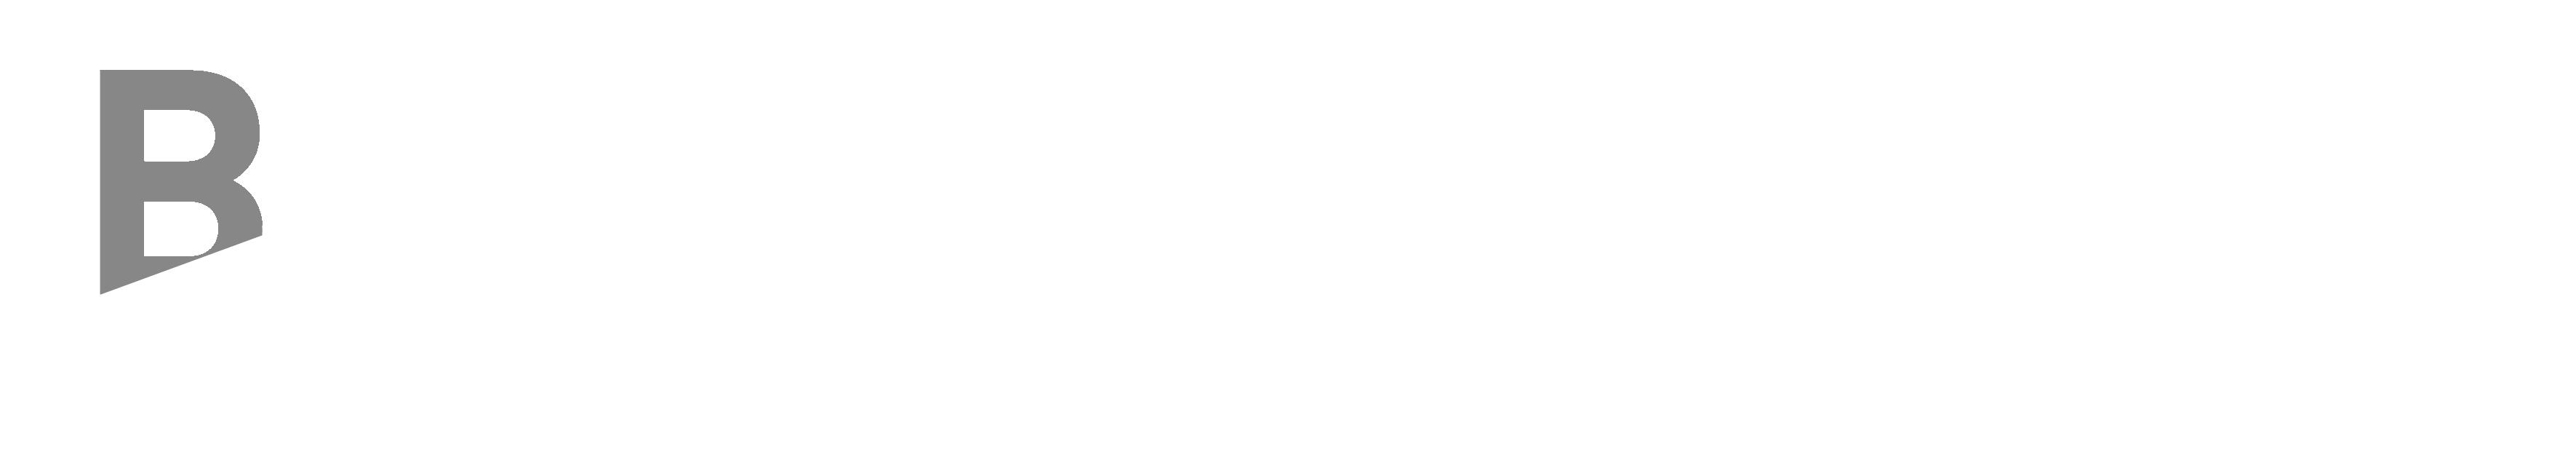 Bernal Arquitectos | Estudio de arquitectura en Murcia.